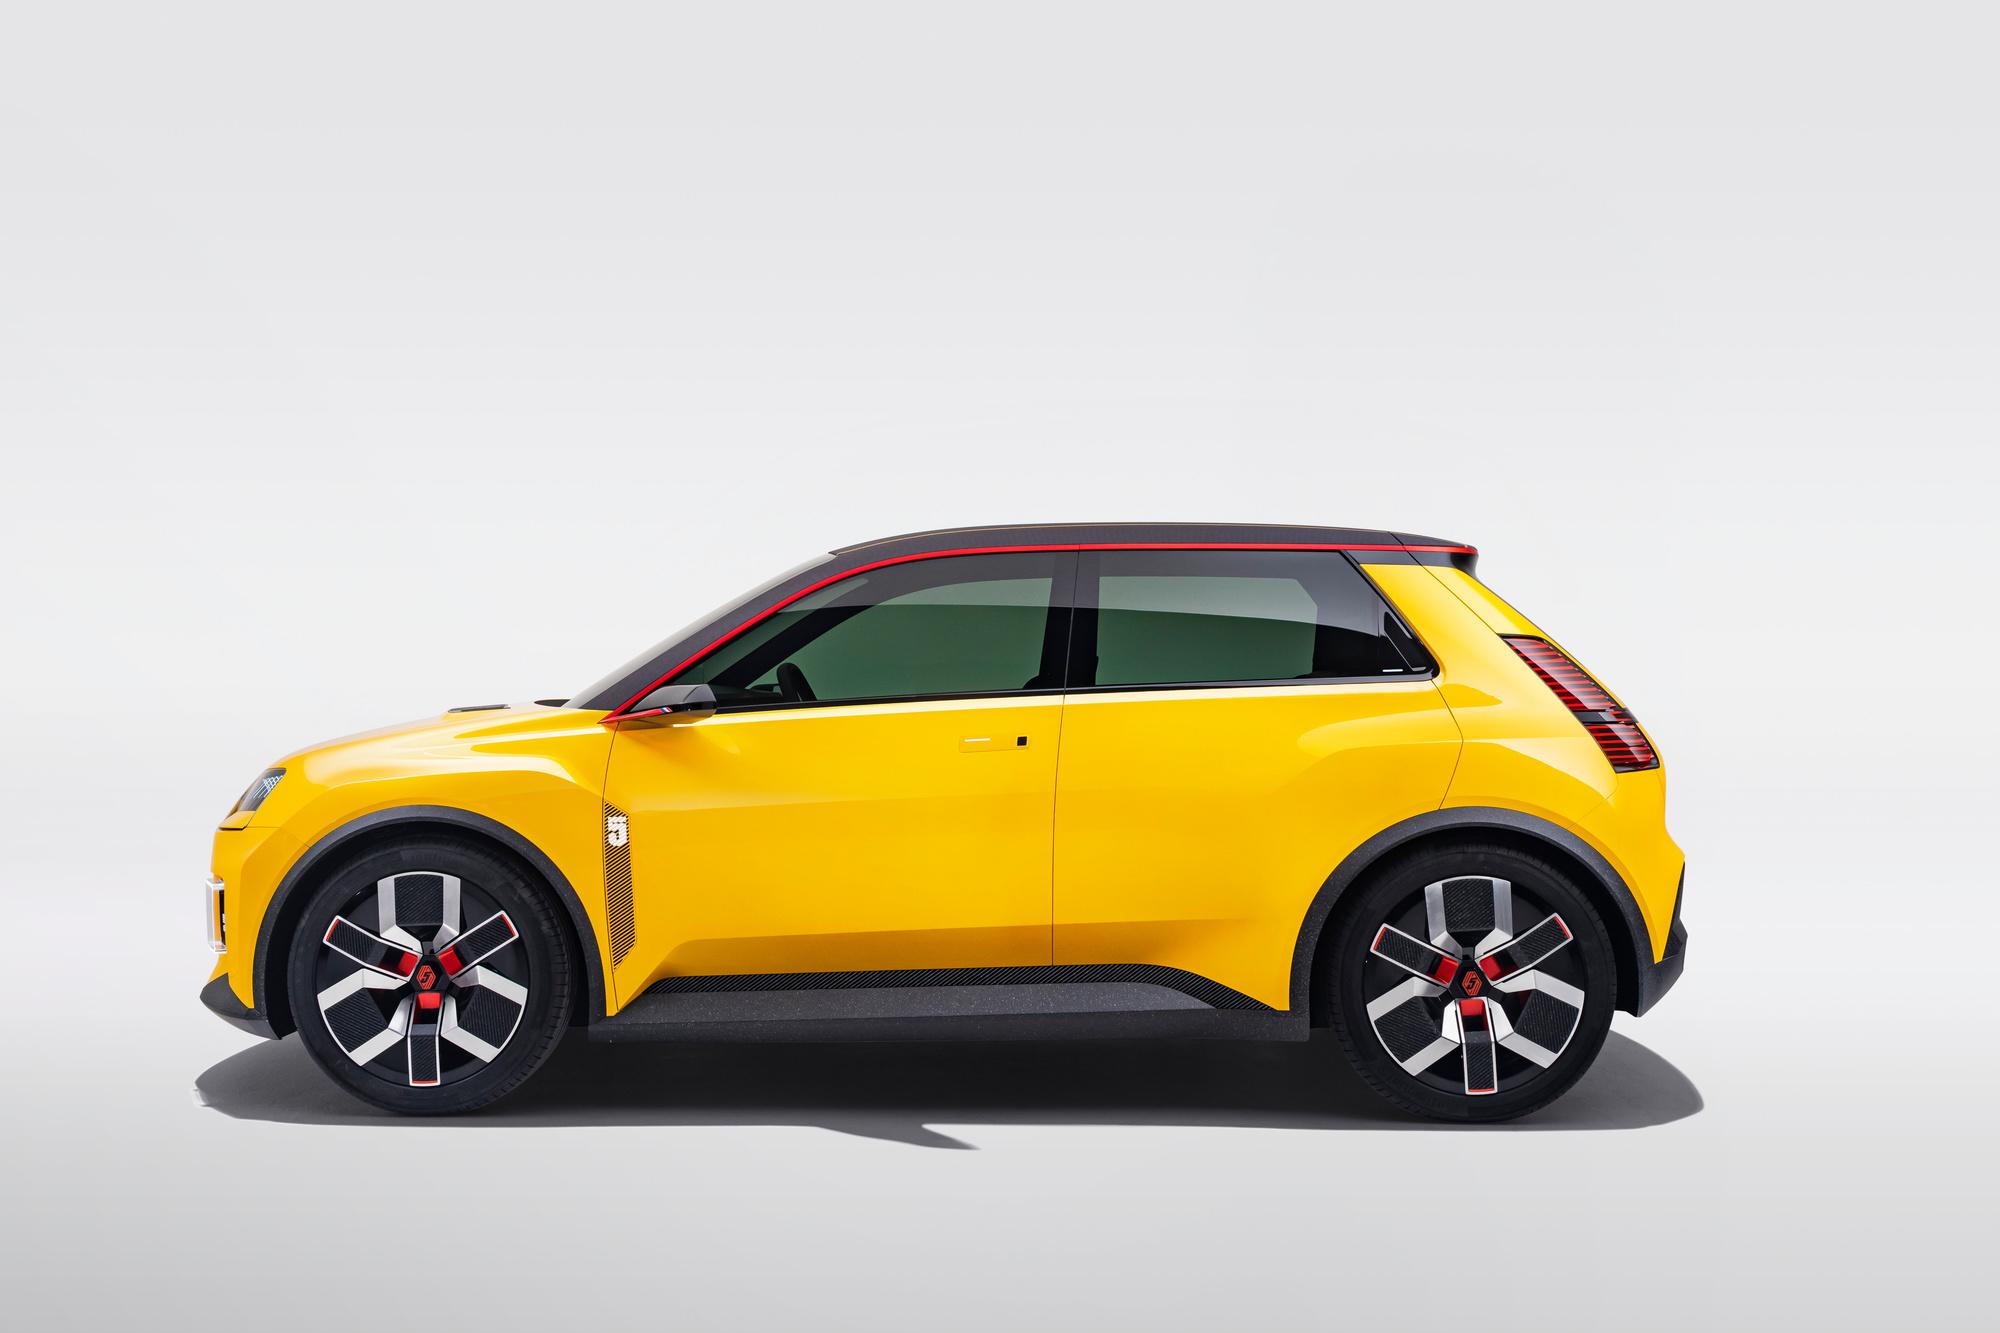 La future nouvelle Renault 5 électrique pourrait être la remplaçante de l'actuelle Zoé., GF